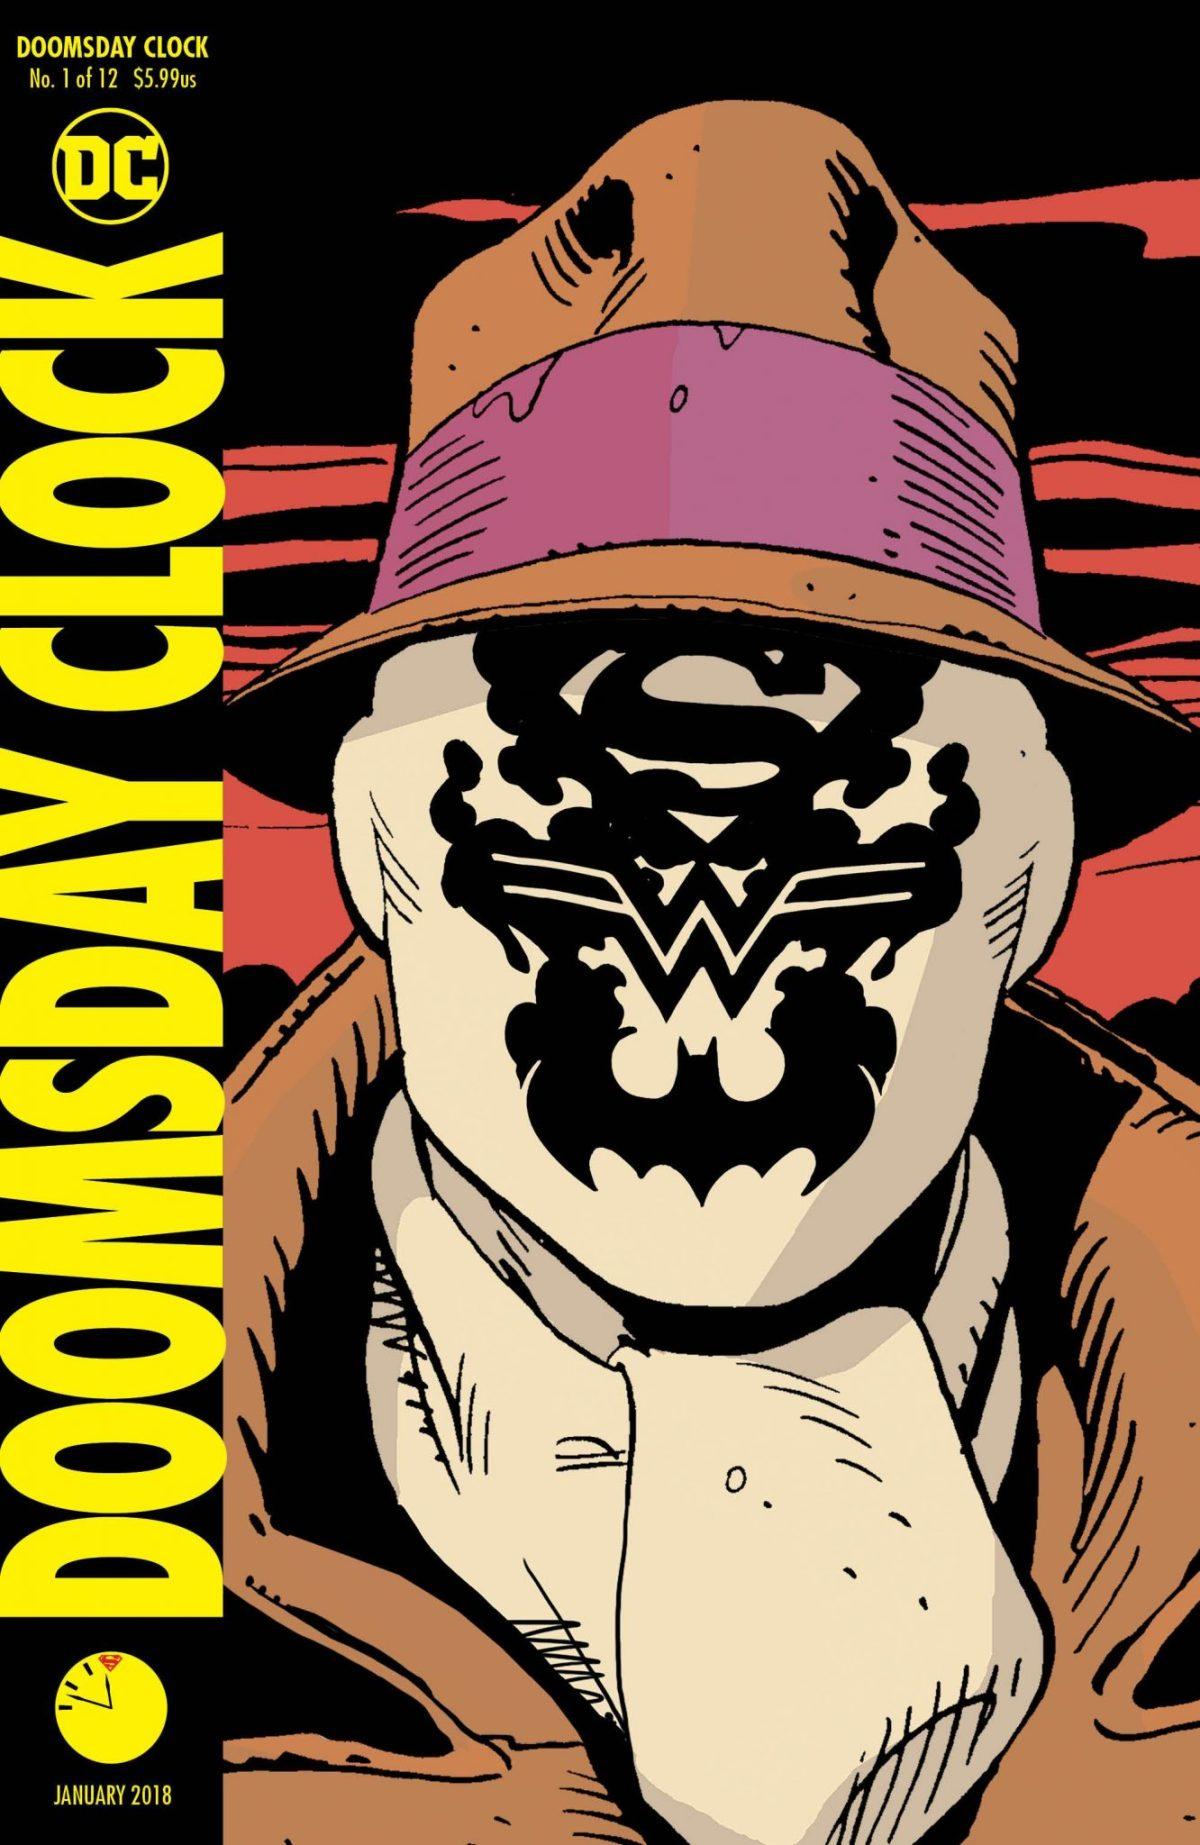 PREVIEW - DOOMSDAY CLOCK #1 - Rorschach não morreu? - Watchmen - O Relógio do Juízo Final